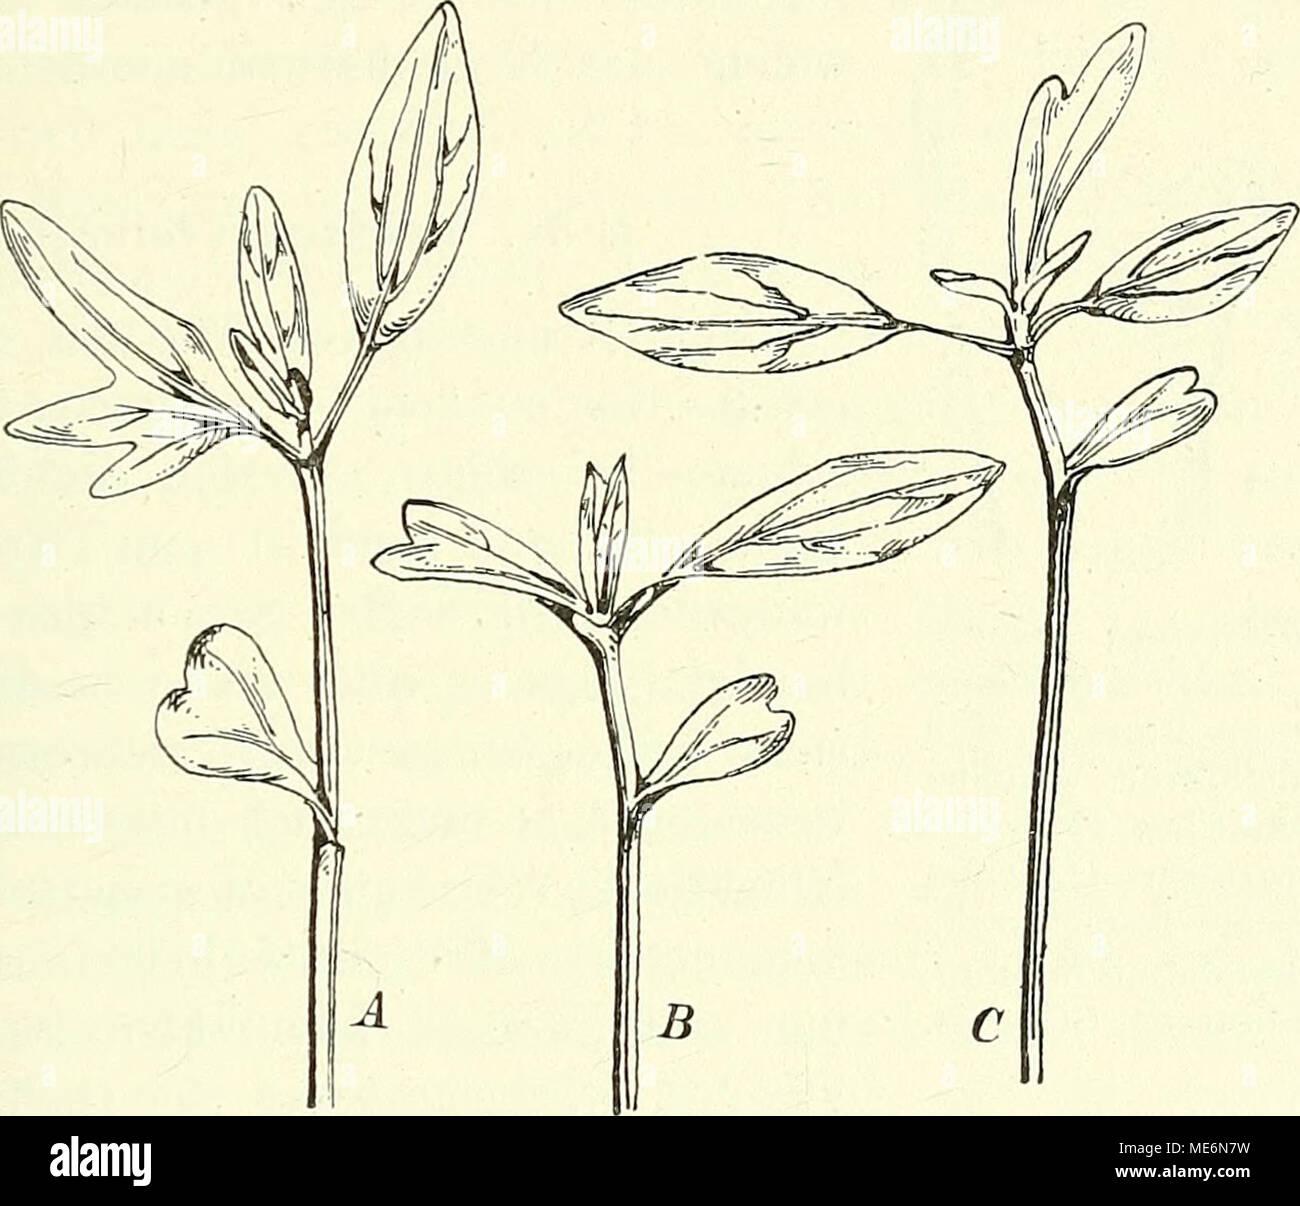 . Die mutationstheorie. Versuche und beobachtungen über die entstehung von arten im pflanzenreich . Fig. 67. Helianthus annuus syncotyleus. Die ersten Blätter syncotyler Keimpflanzen. A Ein Blatt des ersten Paares dreigabelig, oberhalb des Syncotyls. B Zweigabeliges Blatt, dem Syncotyl entgegengesetzt. C Zweigabeliges Blatt oberhalb des ersten Blattwirteis. hältniss von 87 : 80 °/0 im Mittel für je etwa 12 Pflanzen. Erntet man die Samen einer einzelnen Inflorescenz in drei Abtheilungen, indem man die äusseren und inneren von dem mittleren Kreise trennt, so enthalten die ersteren häufig etwas m Stock Photo